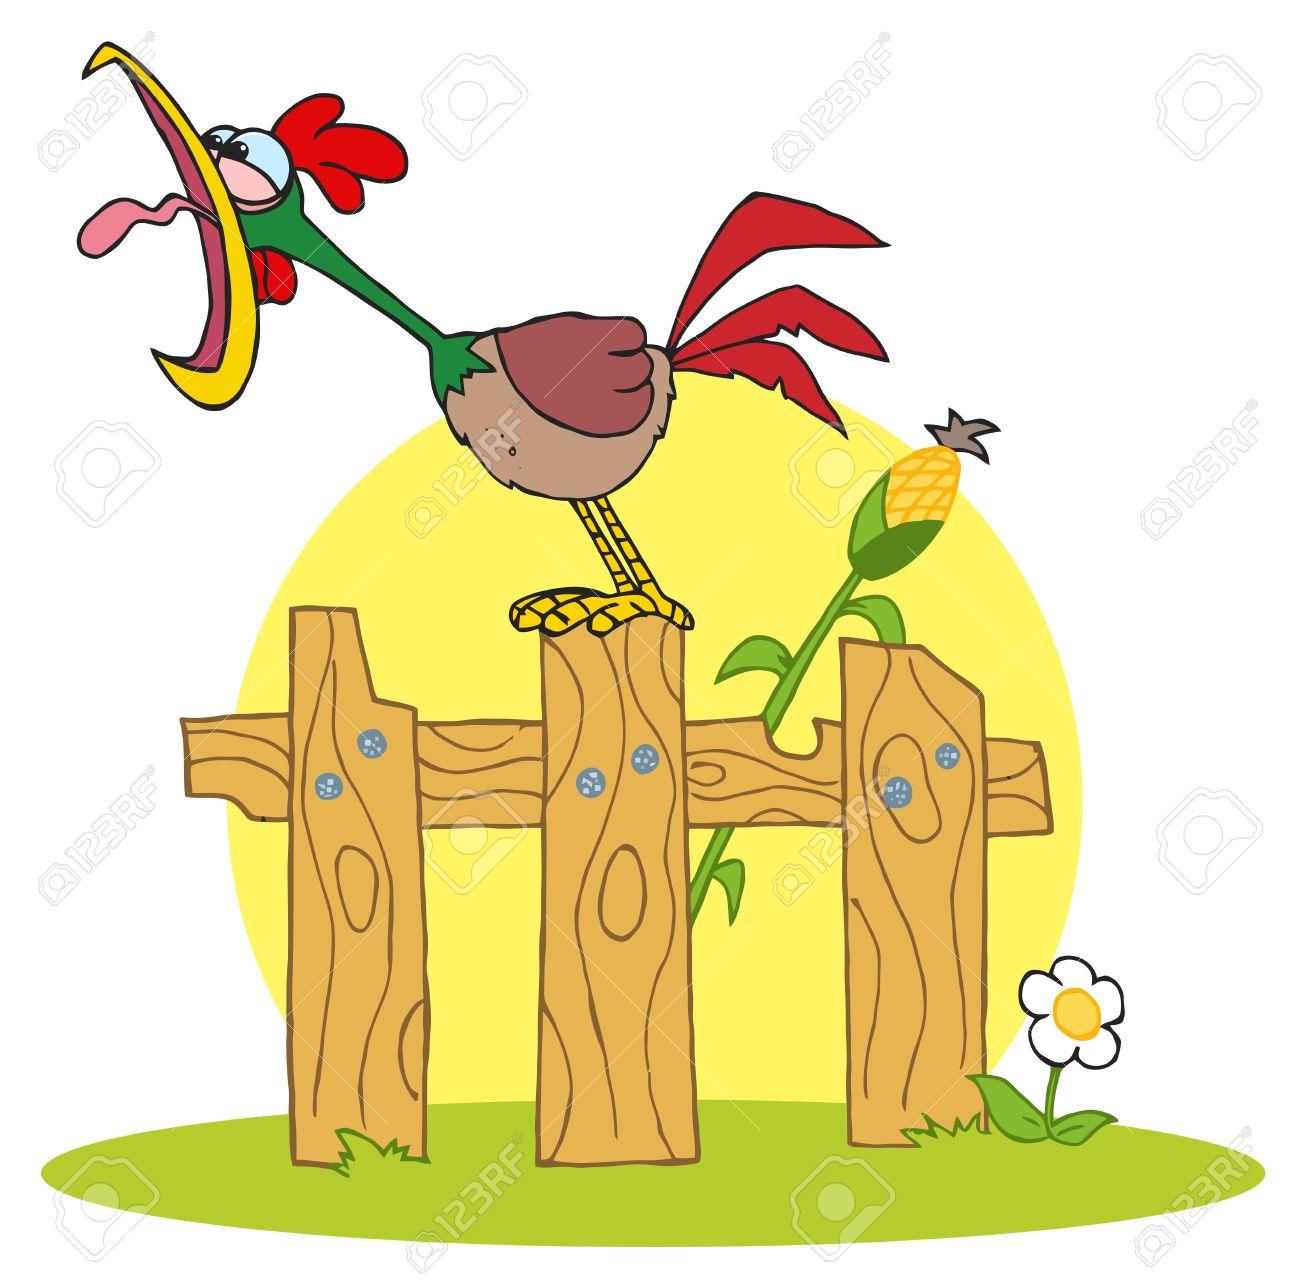 6905448-Dibujos-animados-caracteres-A-gallo-cantando-Stepped-On-The-Fence-Foto-de-archivo.jpg